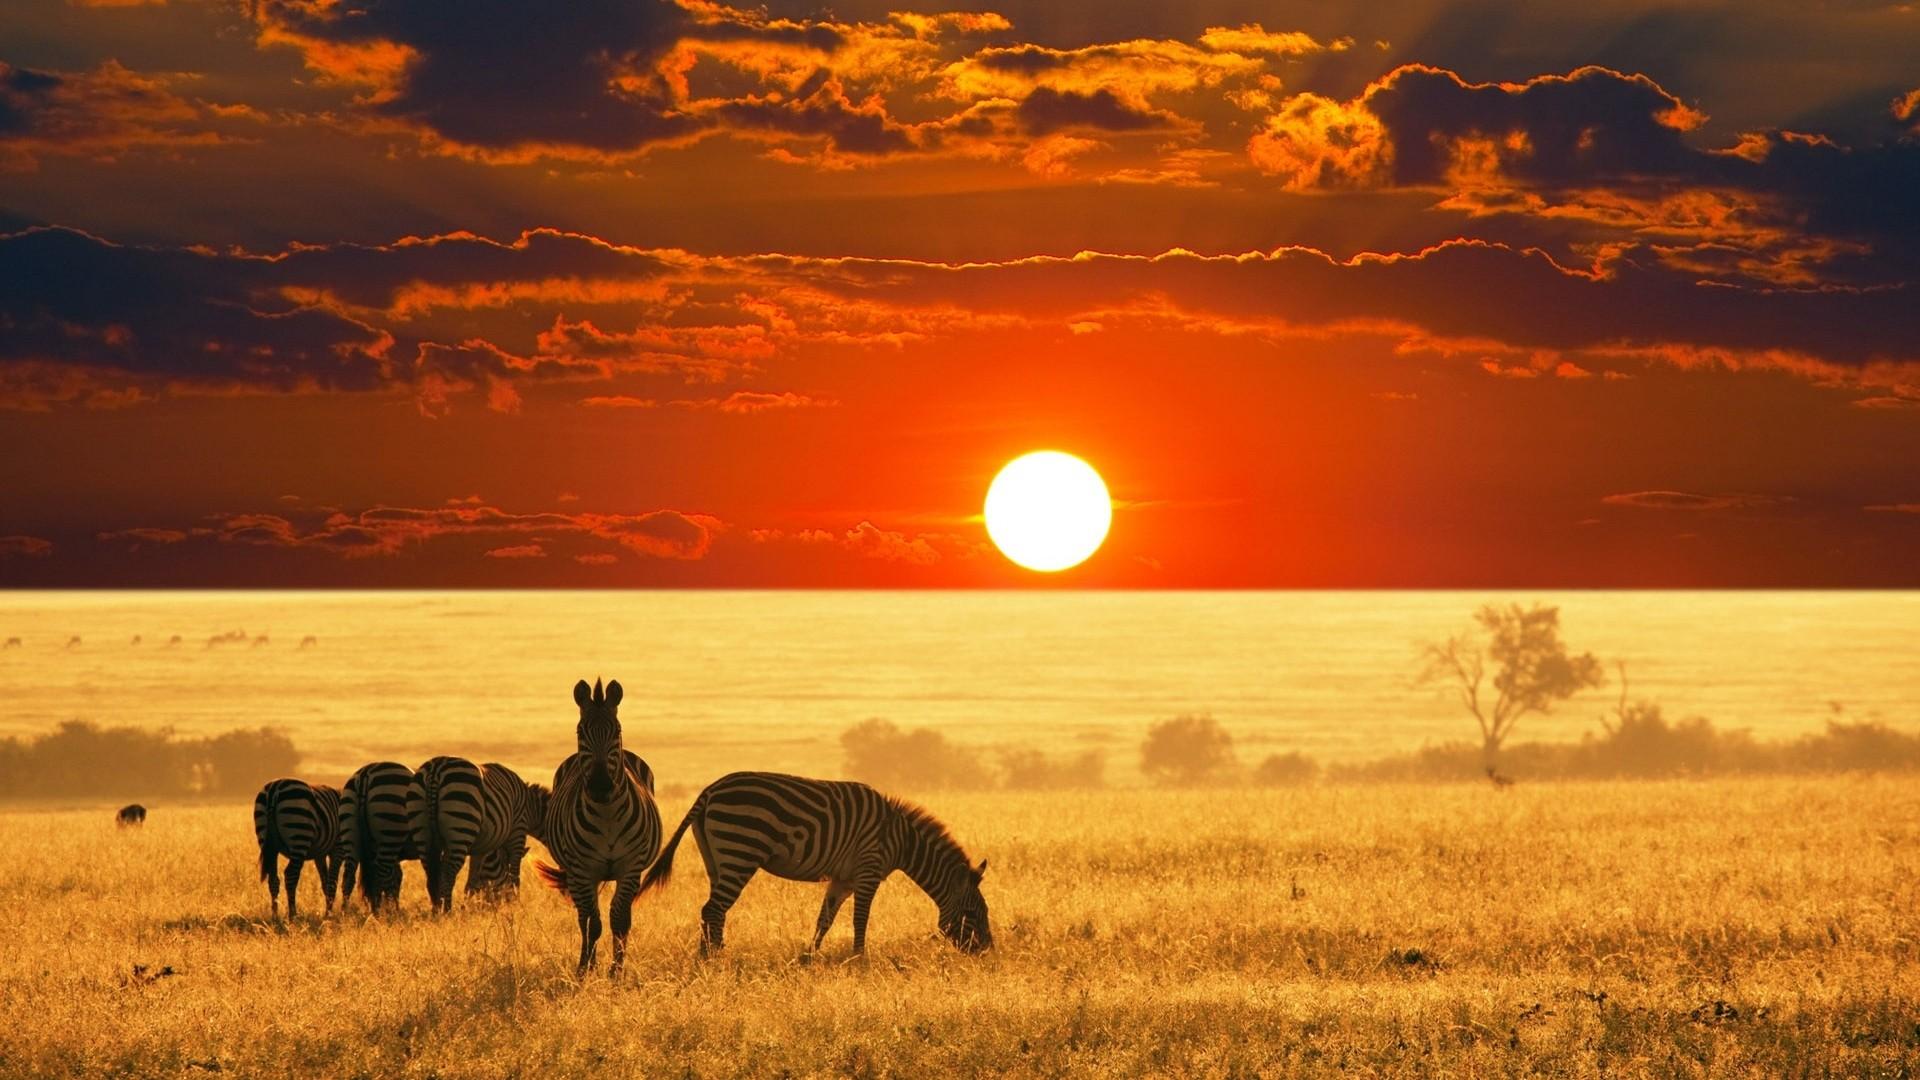 dia diem du lich _ safari _ elleman11